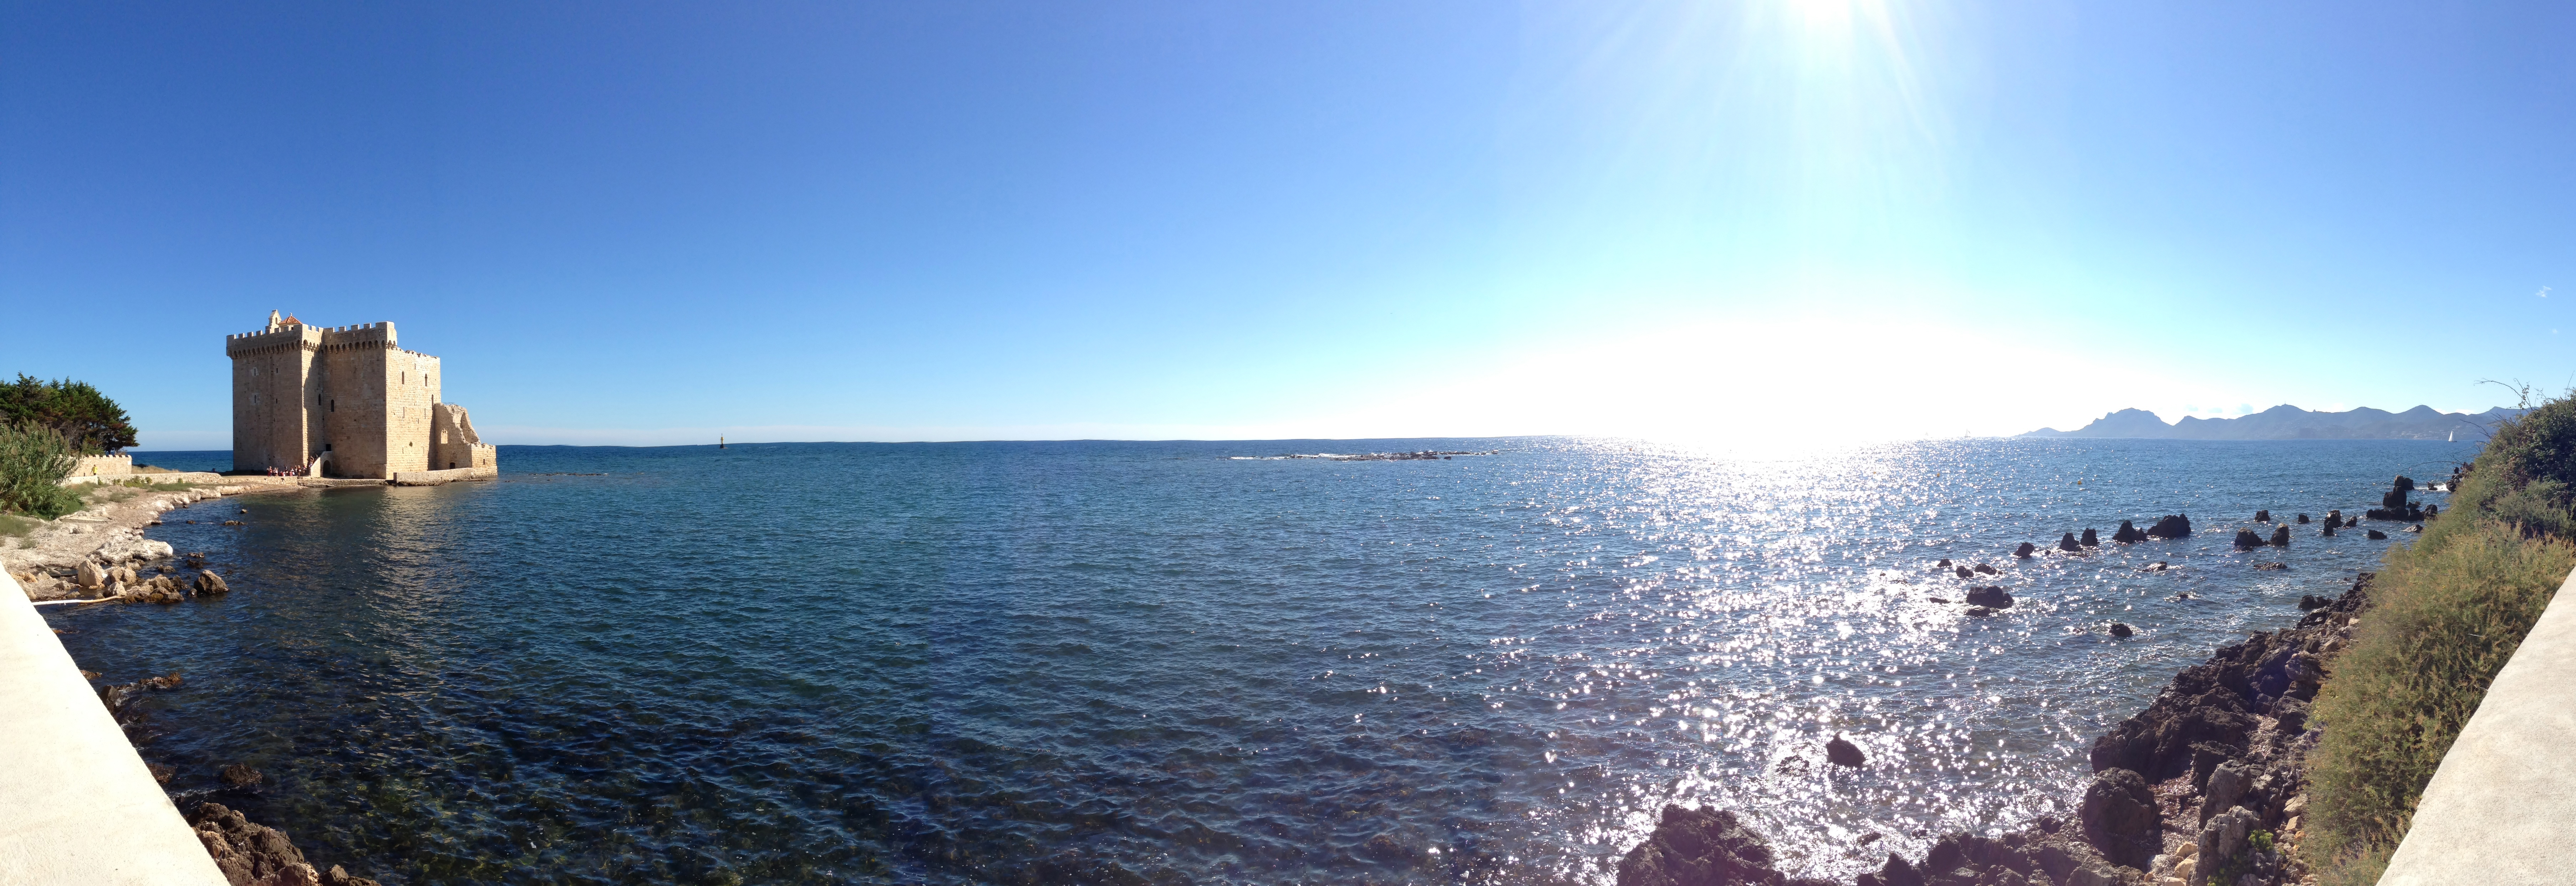 Panoramique d finition c 39 est quoi - Definition de panoramique ...